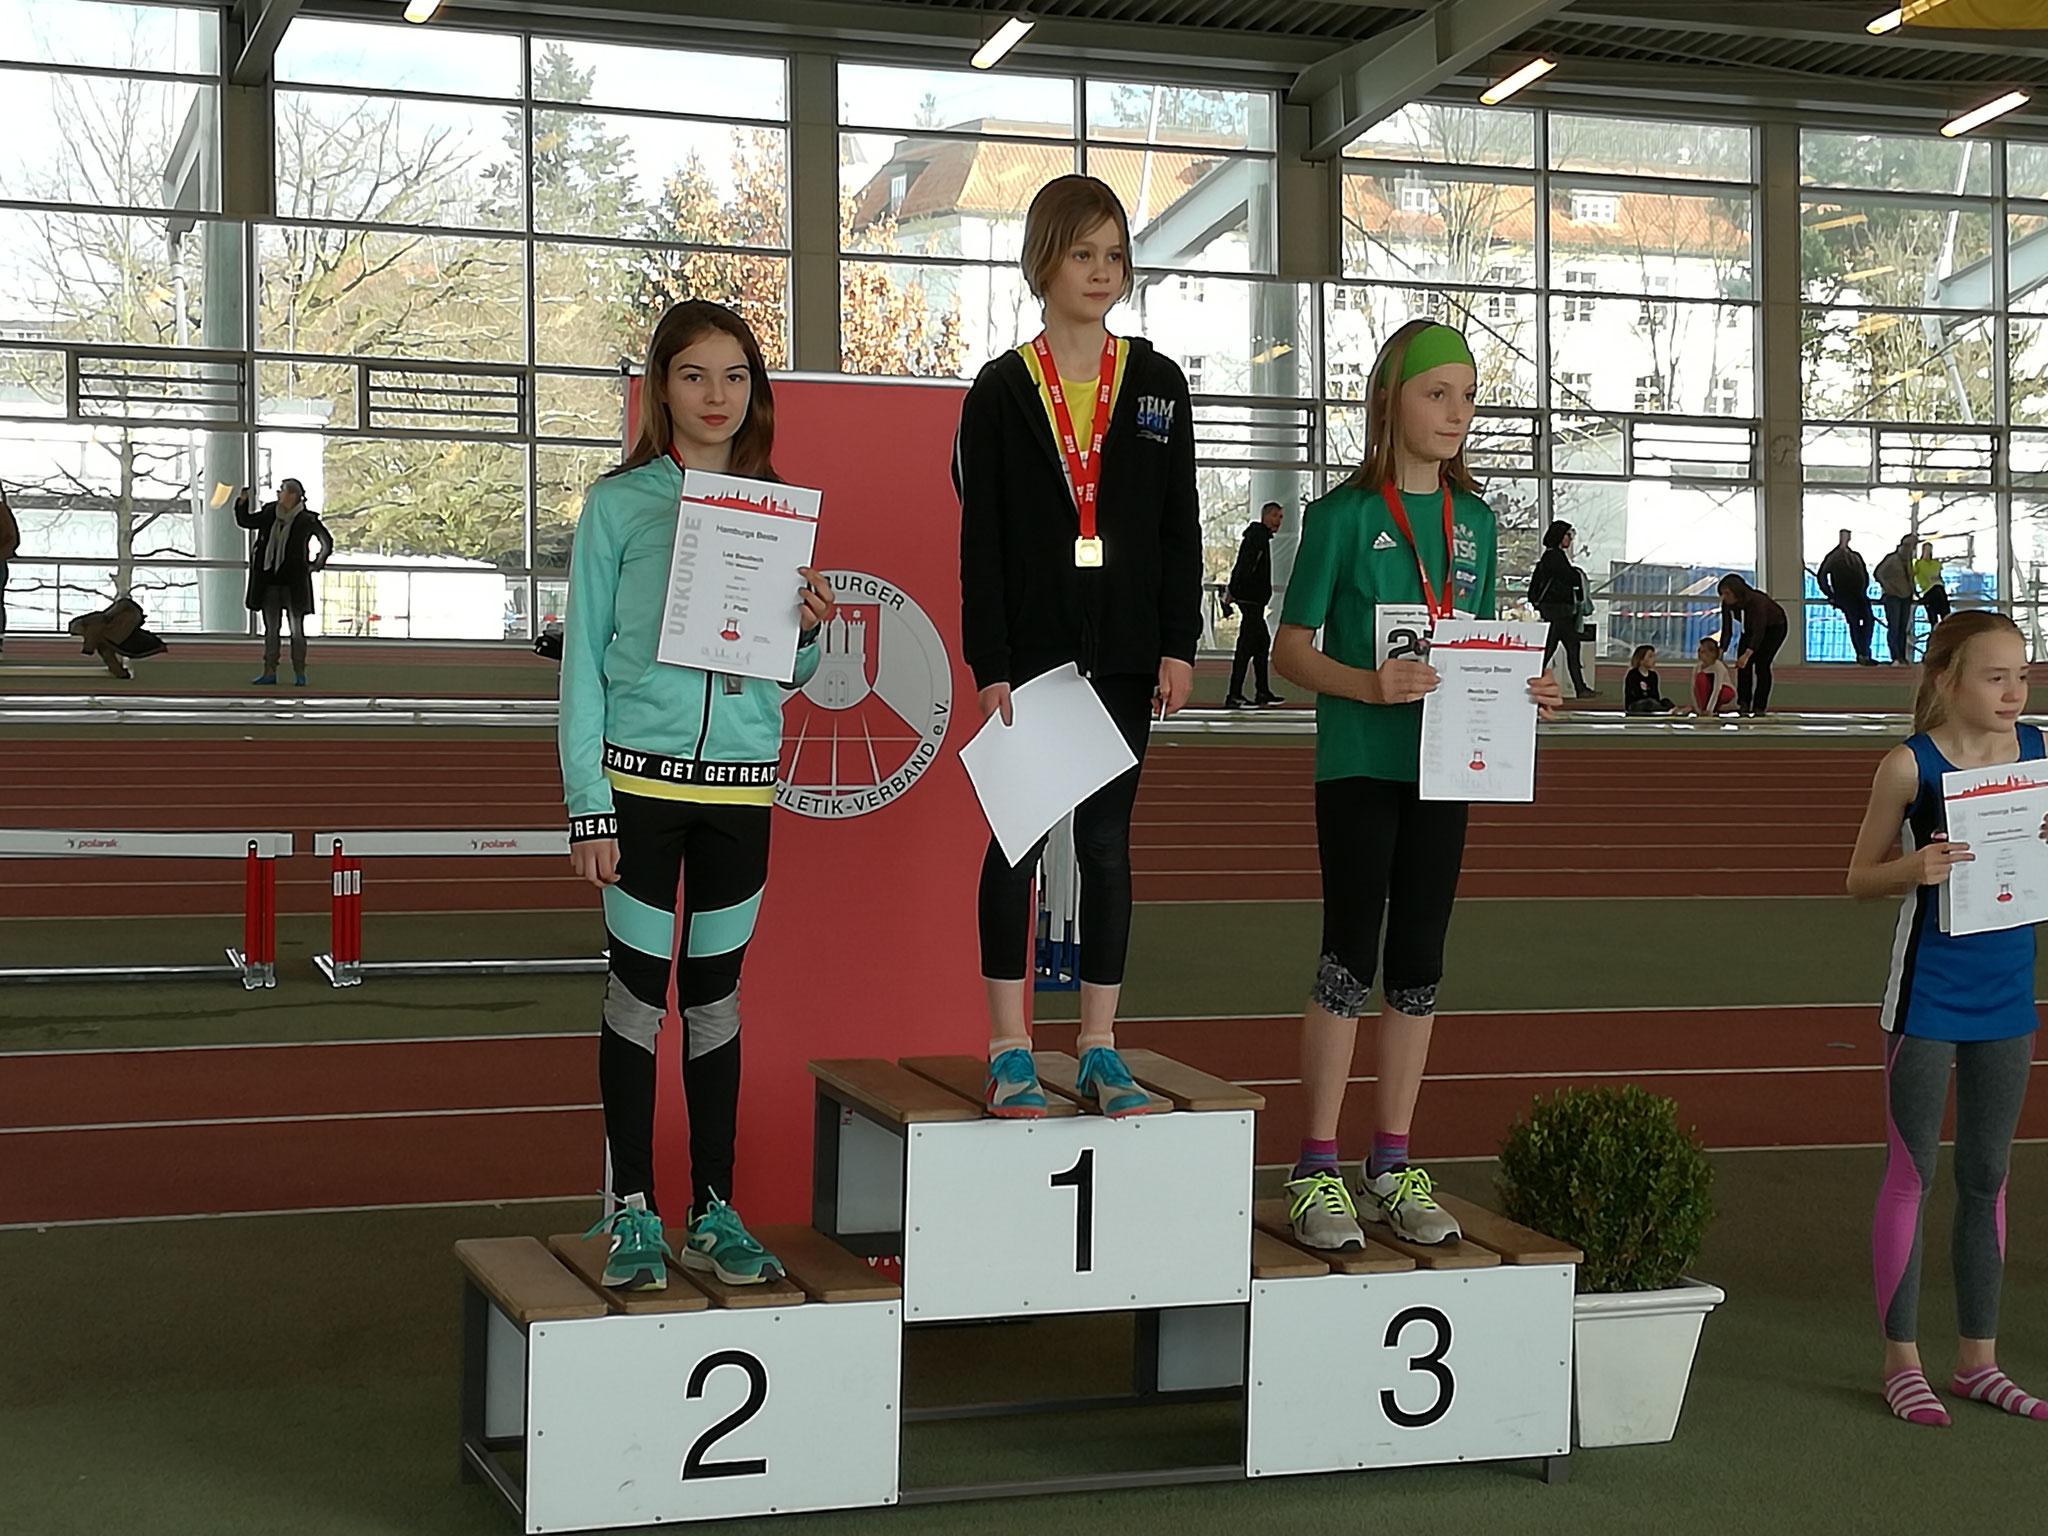 Lea, Hamburger Vizemeisterin Weitsprung und 800 m Lauf